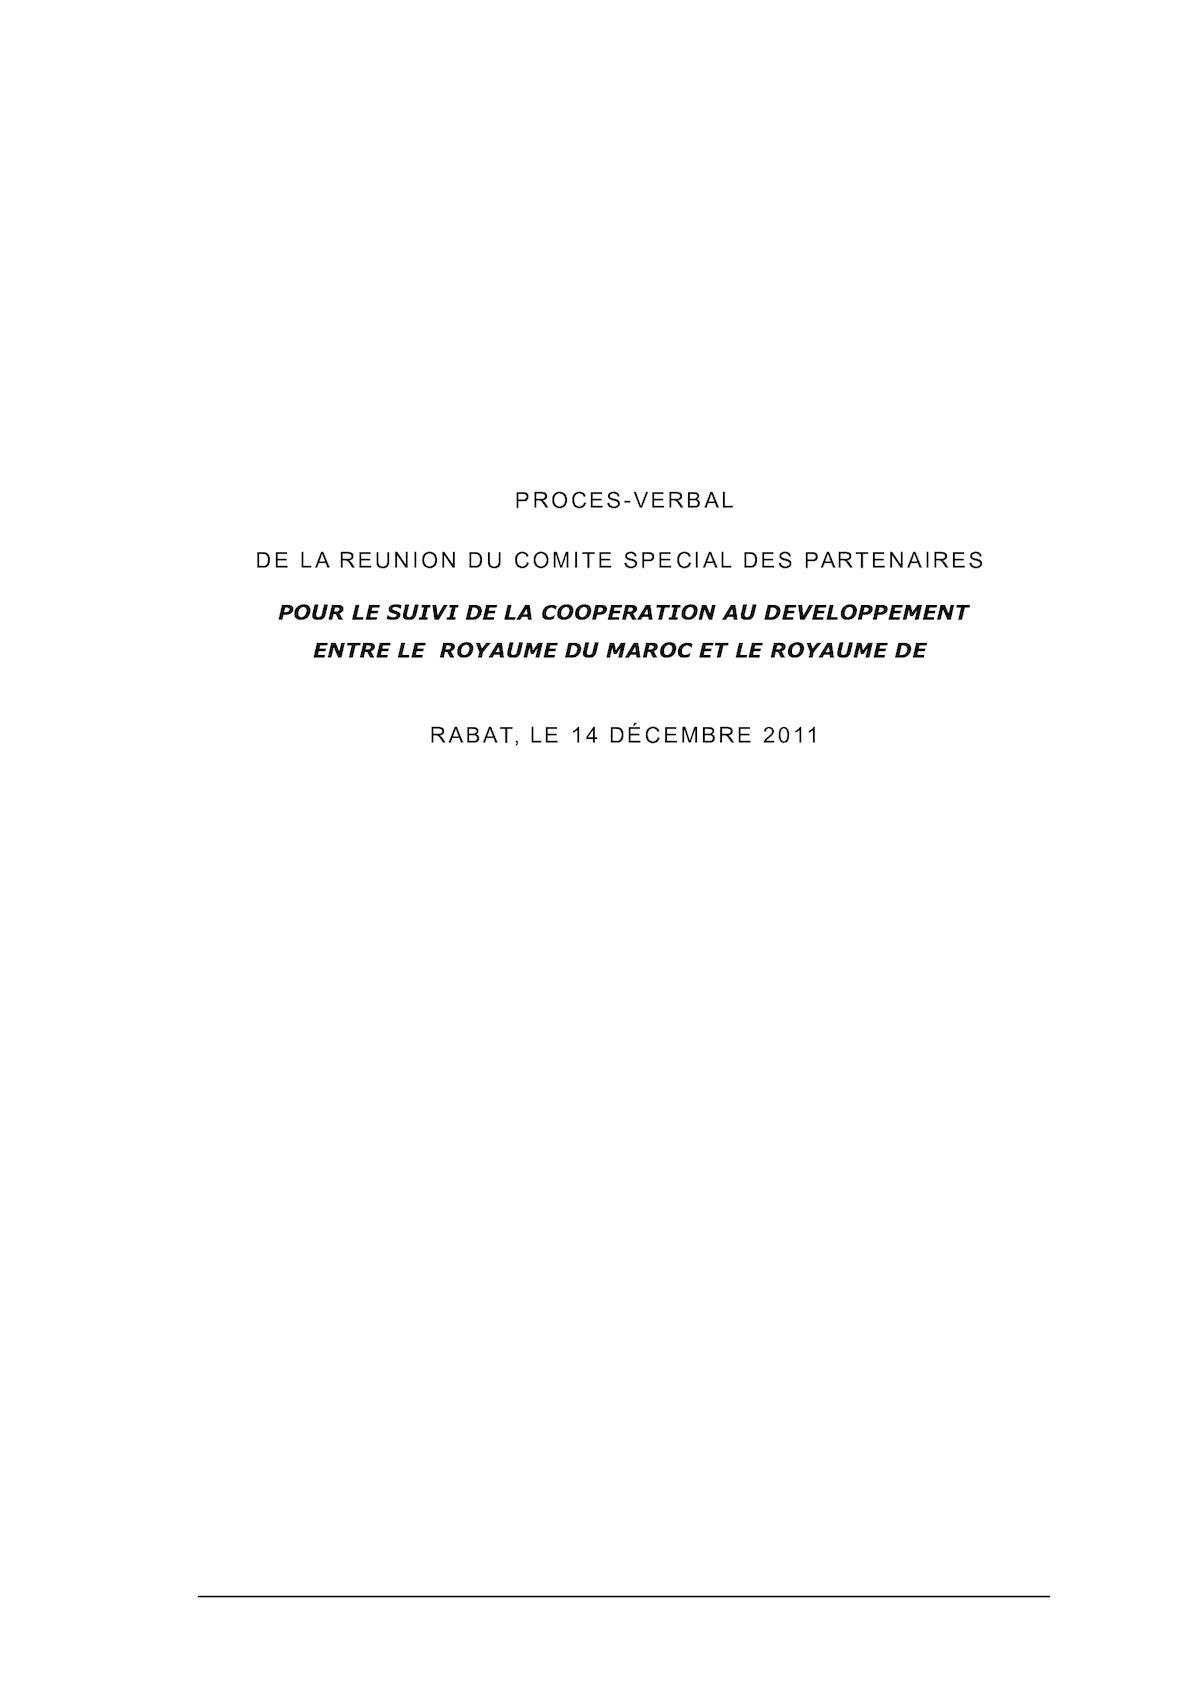 Version Améliorée Du Pv Du Com Part Du 14 12 2011 Doc